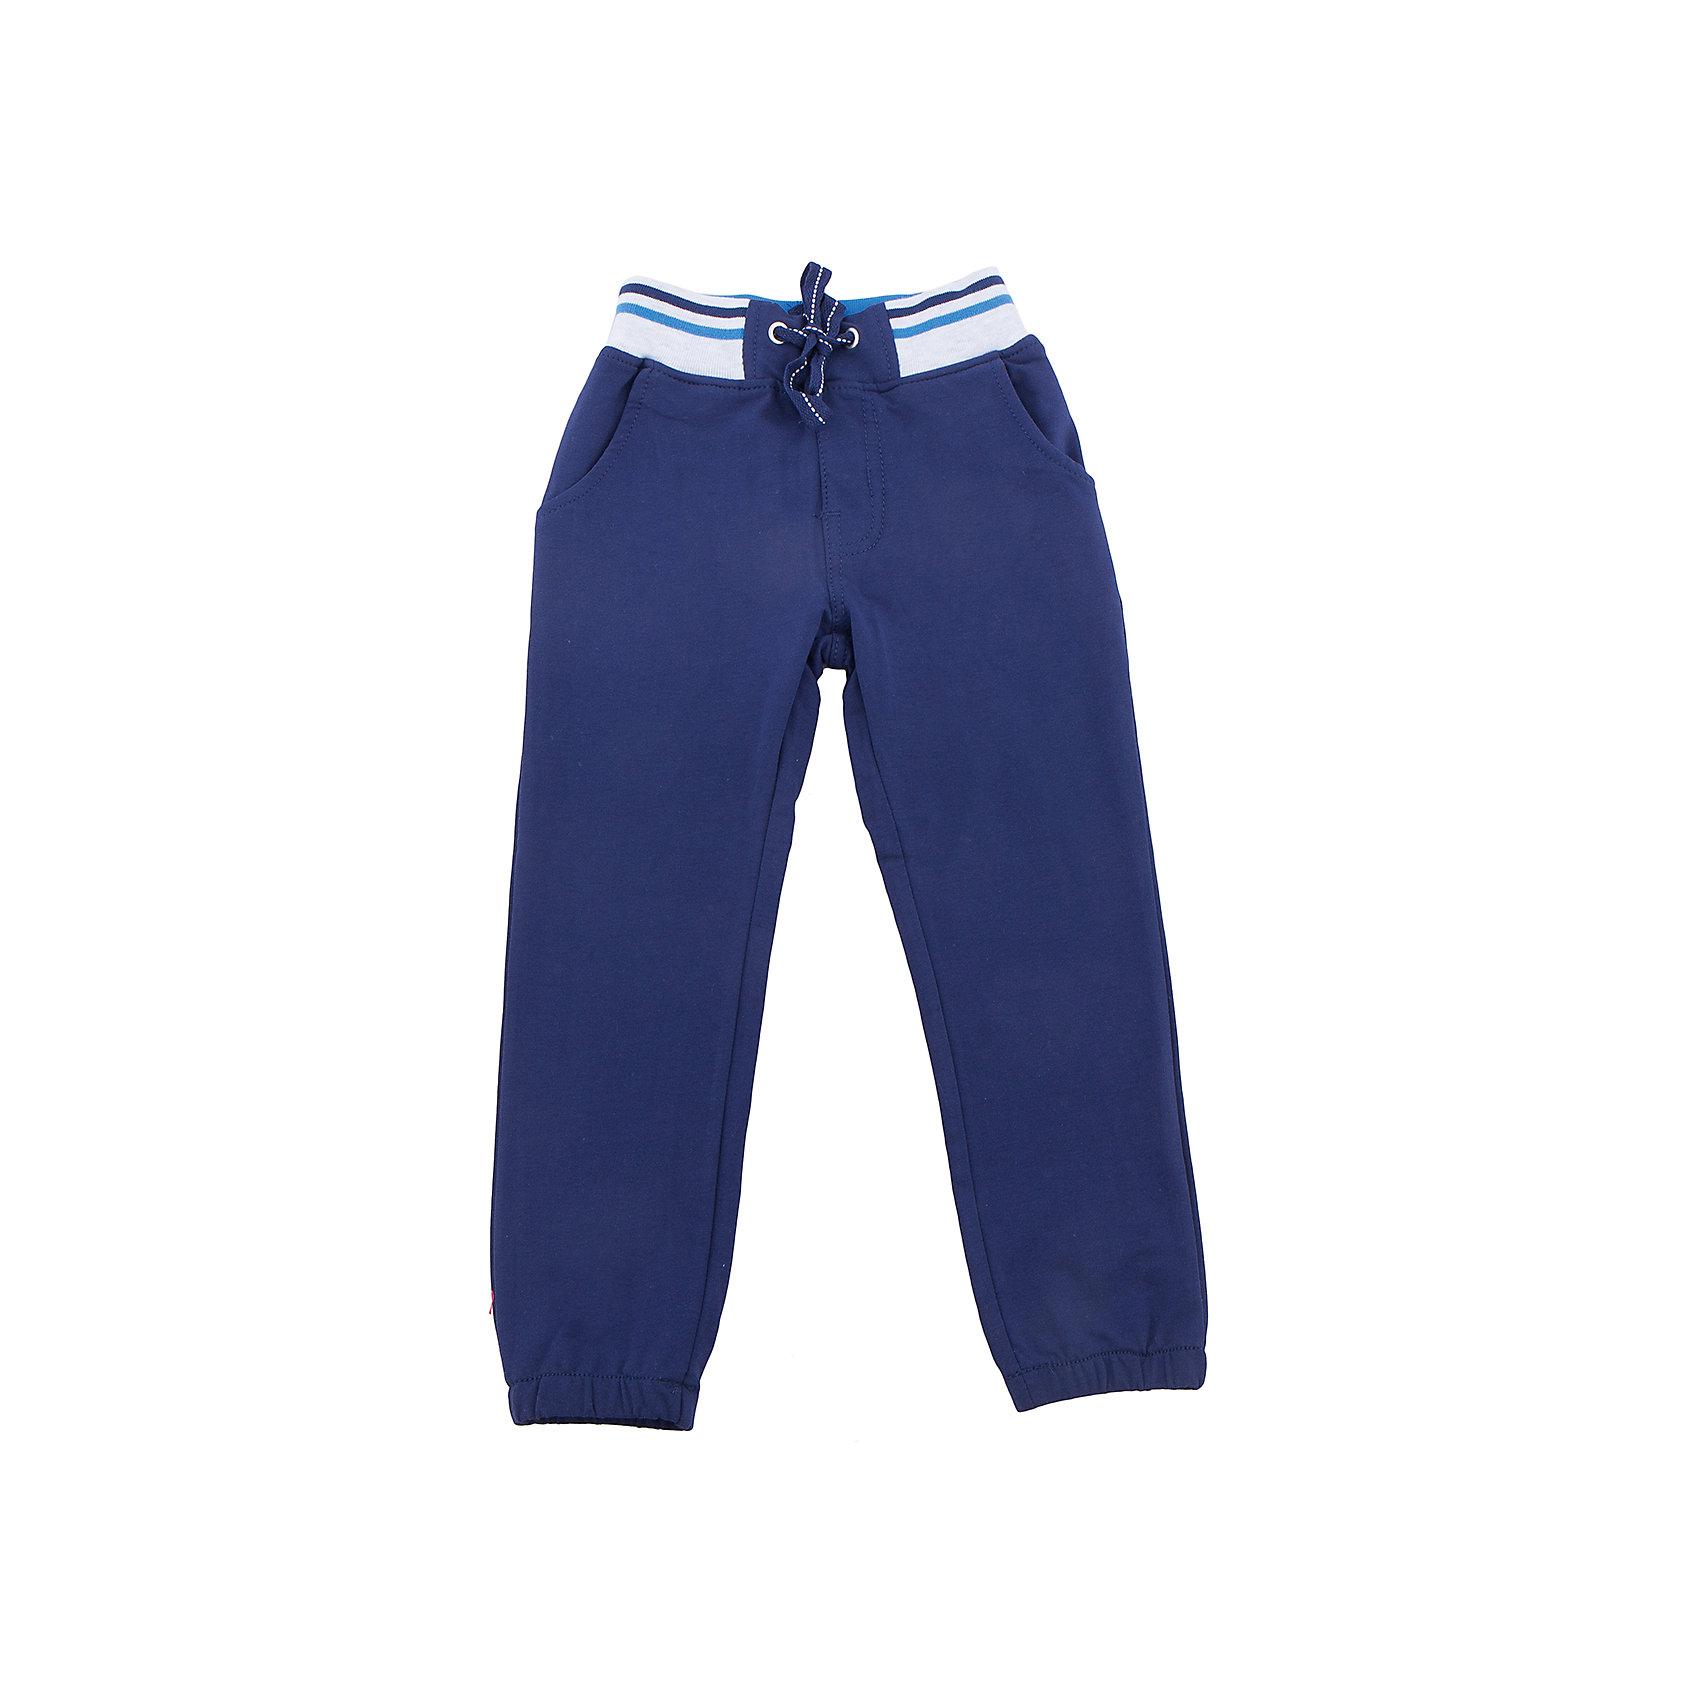 Брюки для мальчика Sweet BerryБрюки<br>Трикотажные брюки, низ брючин собран на мягкую резинку. Модель имеет прорезные карманы и декоративный кант. Пояс-резинка дополнен шнуром для регулирования объема.<br>Состав:<br>95%хлопок 5%эластан<br><br>Ширина мм: 215<br>Глубина мм: 88<br>Высота мм: 191<br>Вес г: 336<br>Цвет: синий<br>Возраст от месяцев: 36<br>Возраст до месяцев: 48<br>Пол: Мужской<br>Возраст: Детский<br>Размер: 104,98,110,116,122,128<br>SKU: 5412840